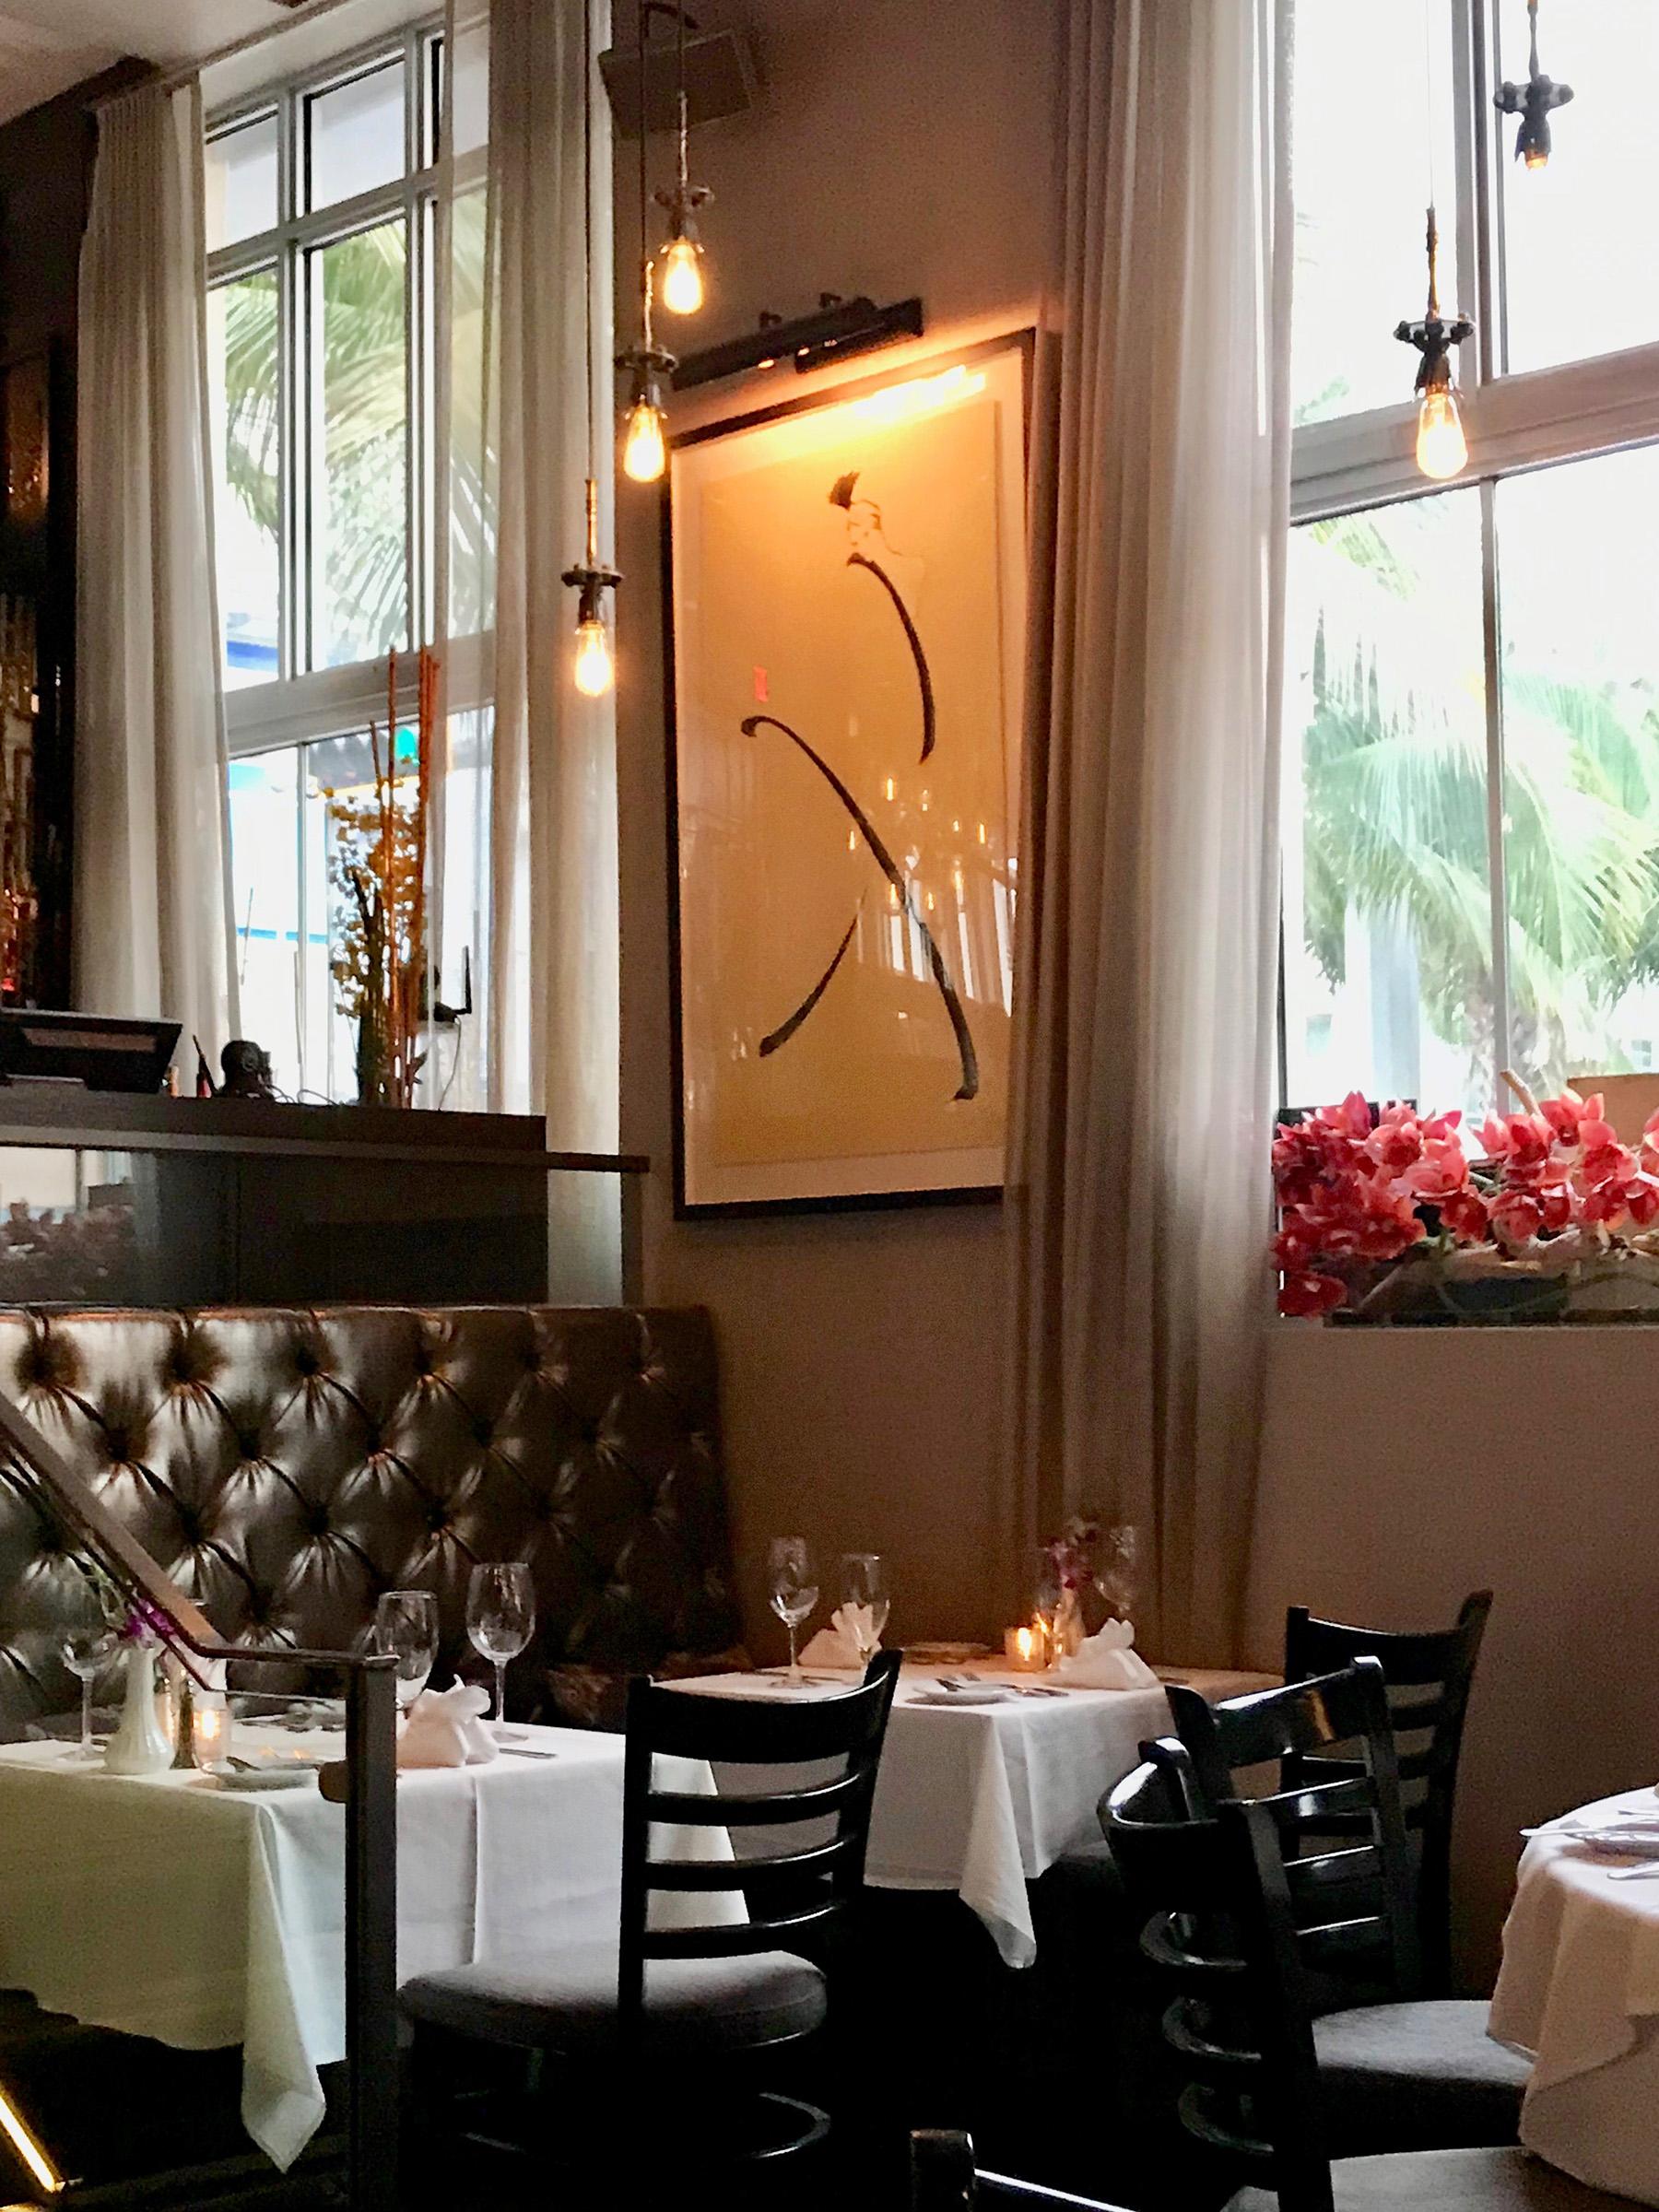 Si visitas Miami y disfrutas de la buena mesa, en el restaurante italiano La Ostería del Teatro, en el distrito Art Deco de South Beach, encontrarás excelente comida y servicio de primera. 1200 Collins Ave. Miami Beach. (Suministrada)